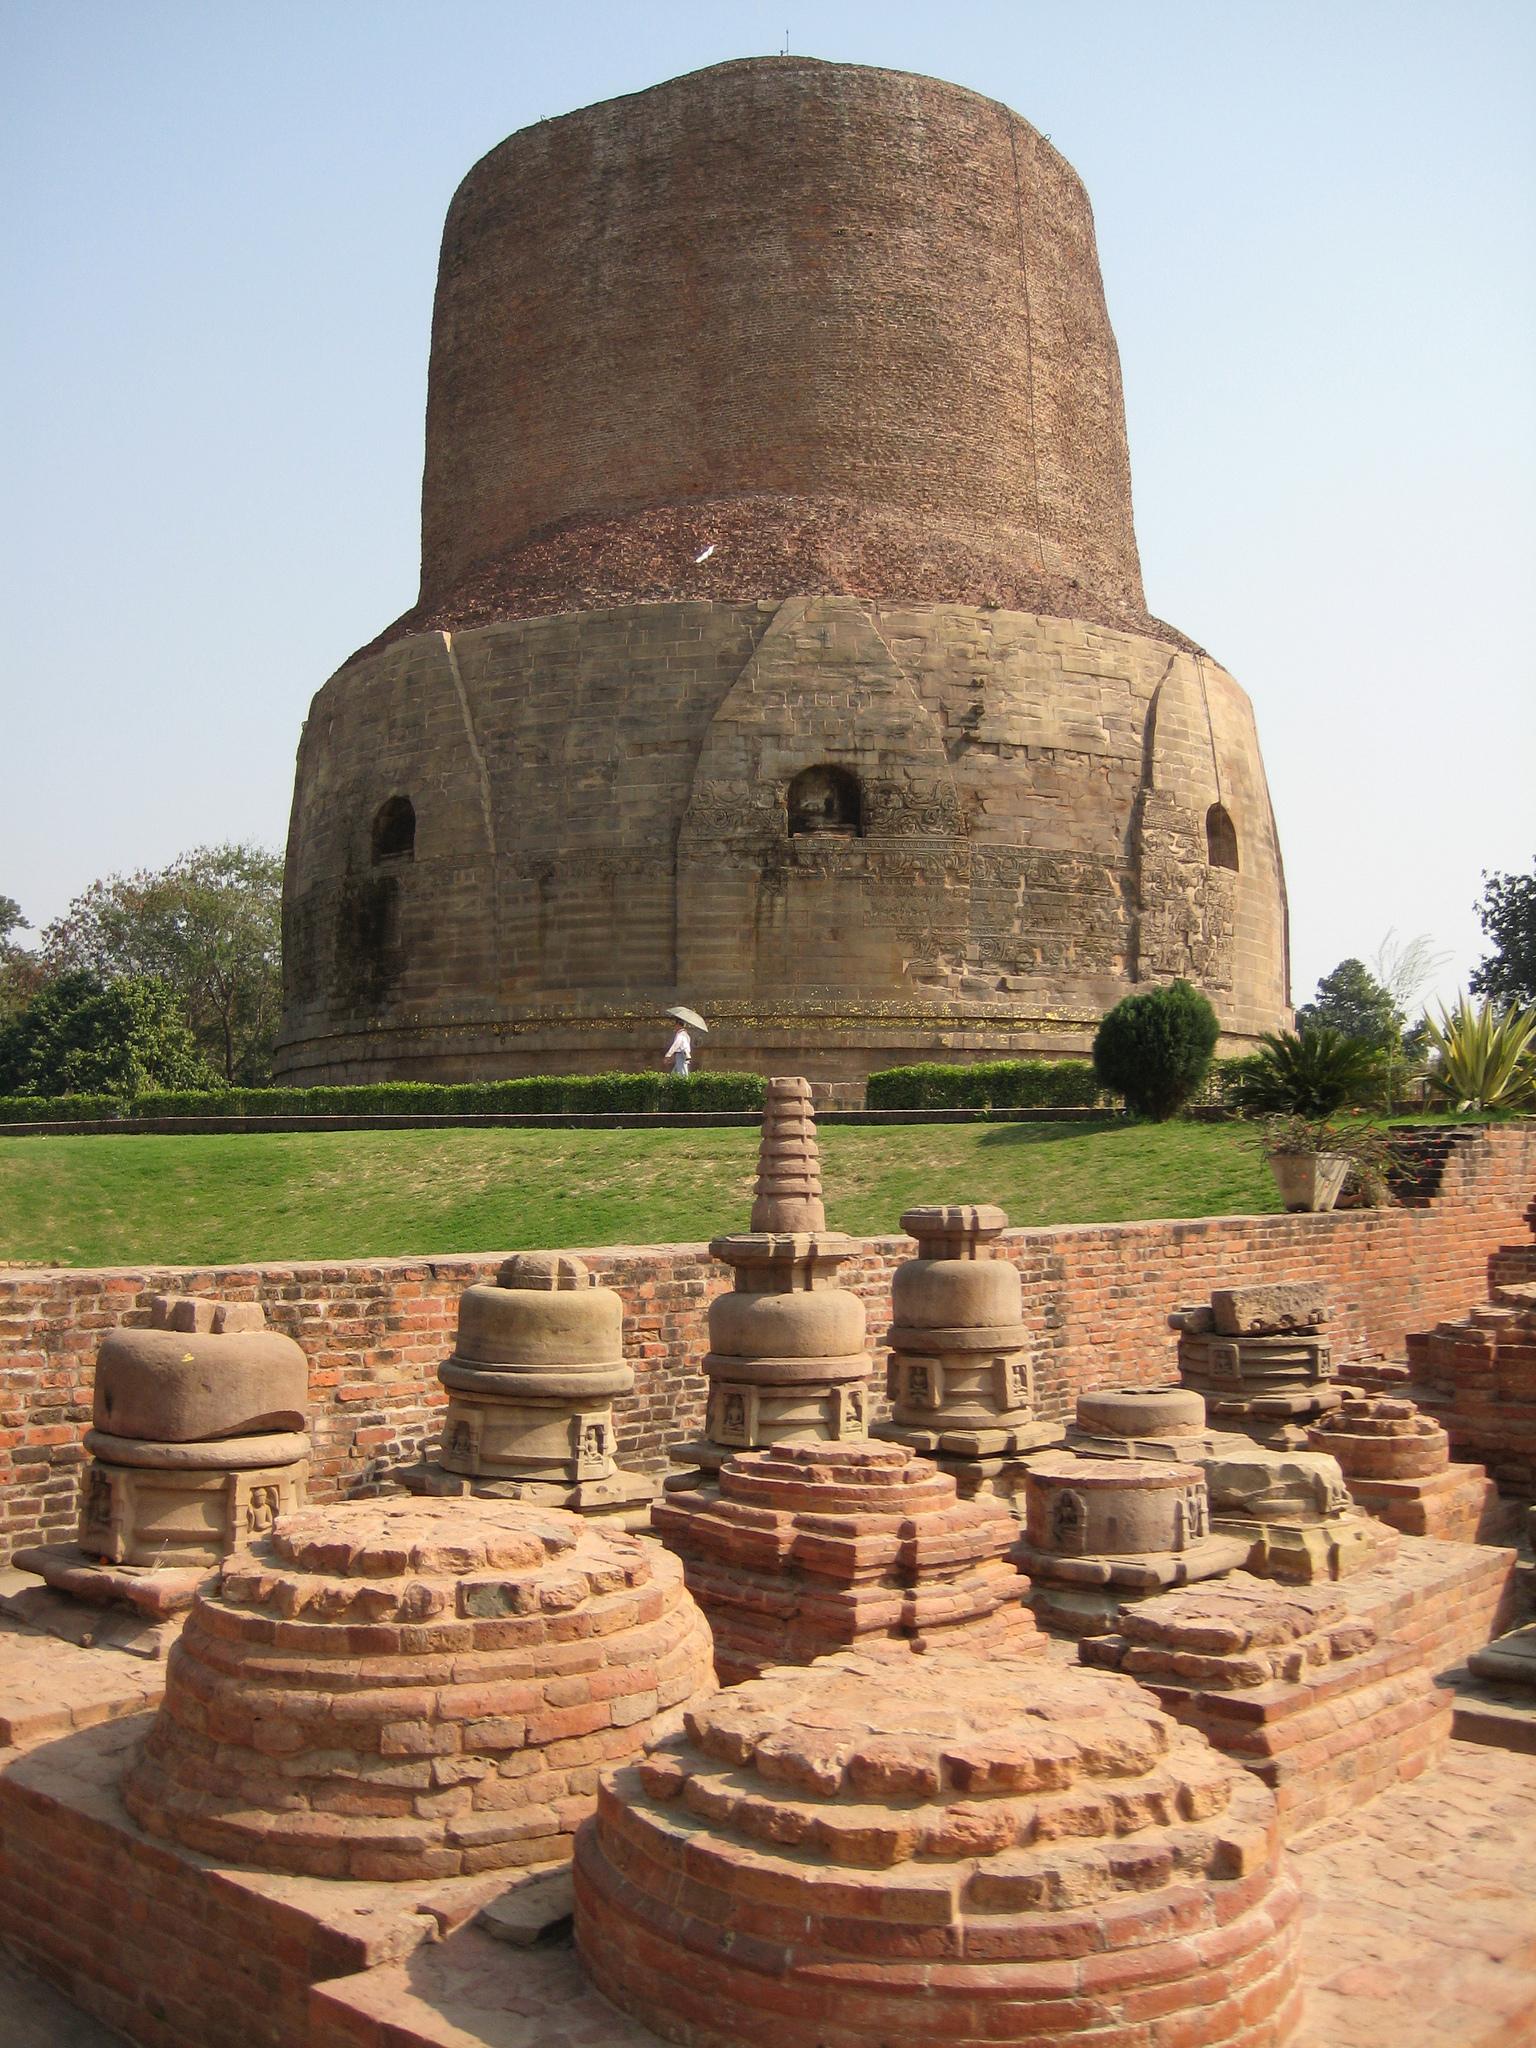 Blog de viajes a India - Página 59 de 144 - Un lugar para Conocer ...